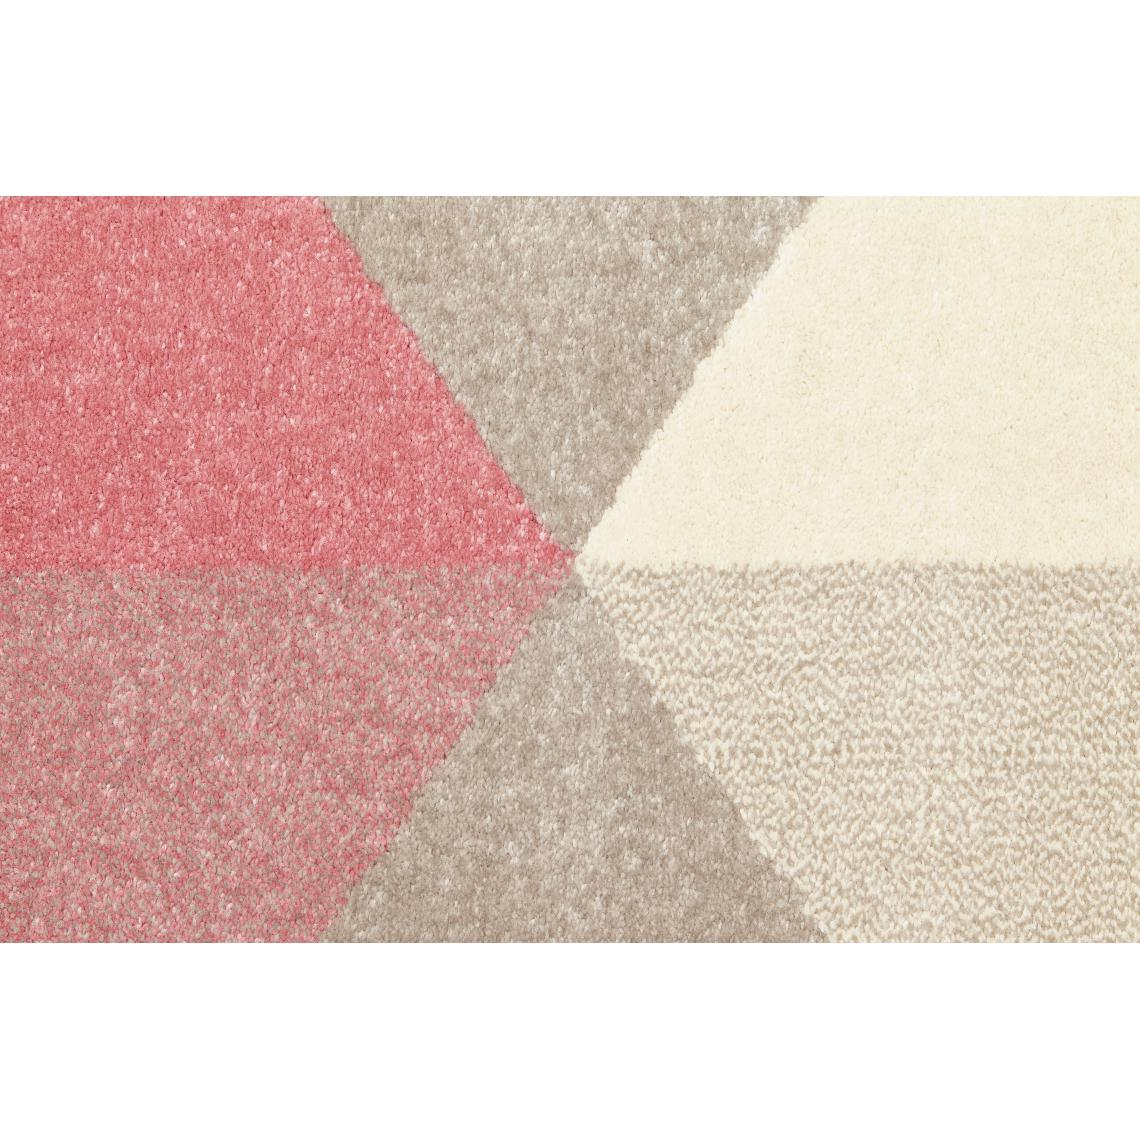 tapis rose 160x230x1 cm big 3 suisses